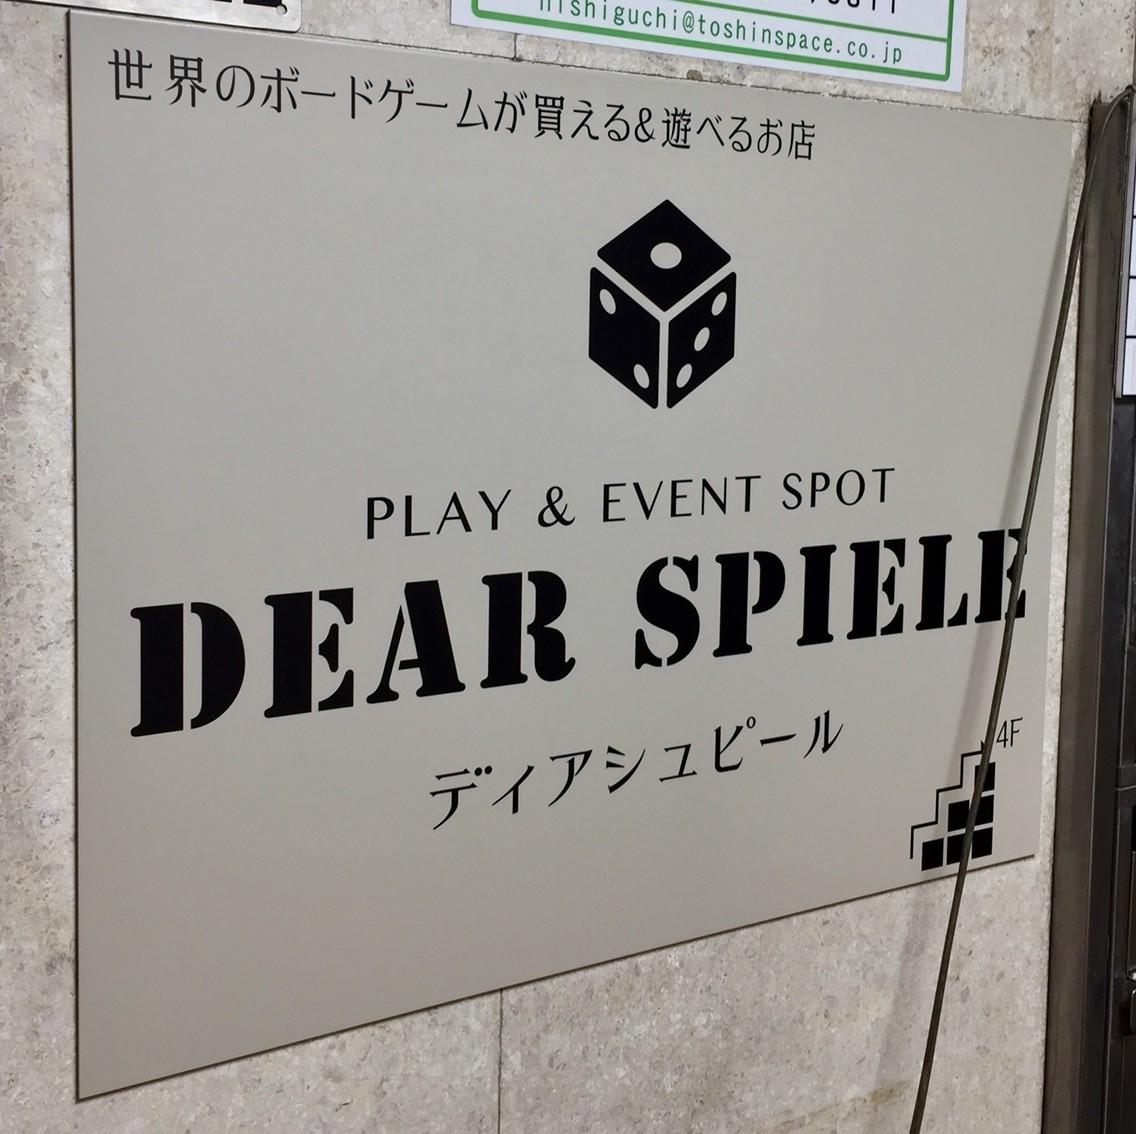 ディア・シュピール(Dear Spiele)